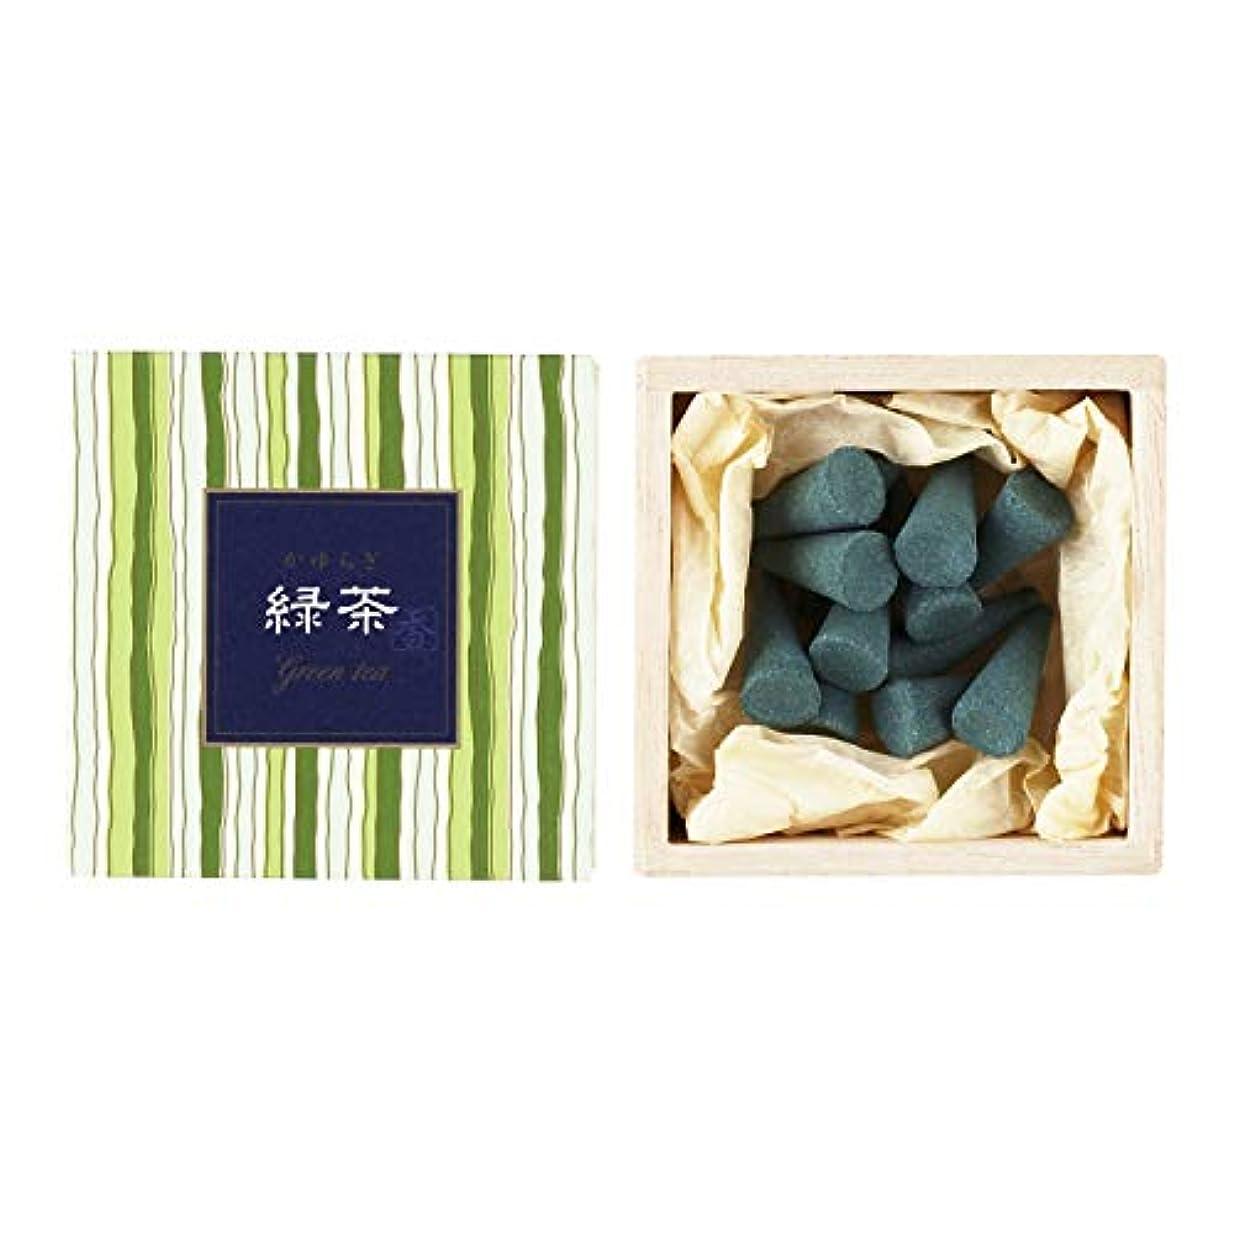 開示するサイクロプス窓かゆらぎ 緑茶 コーン12個入 香立付